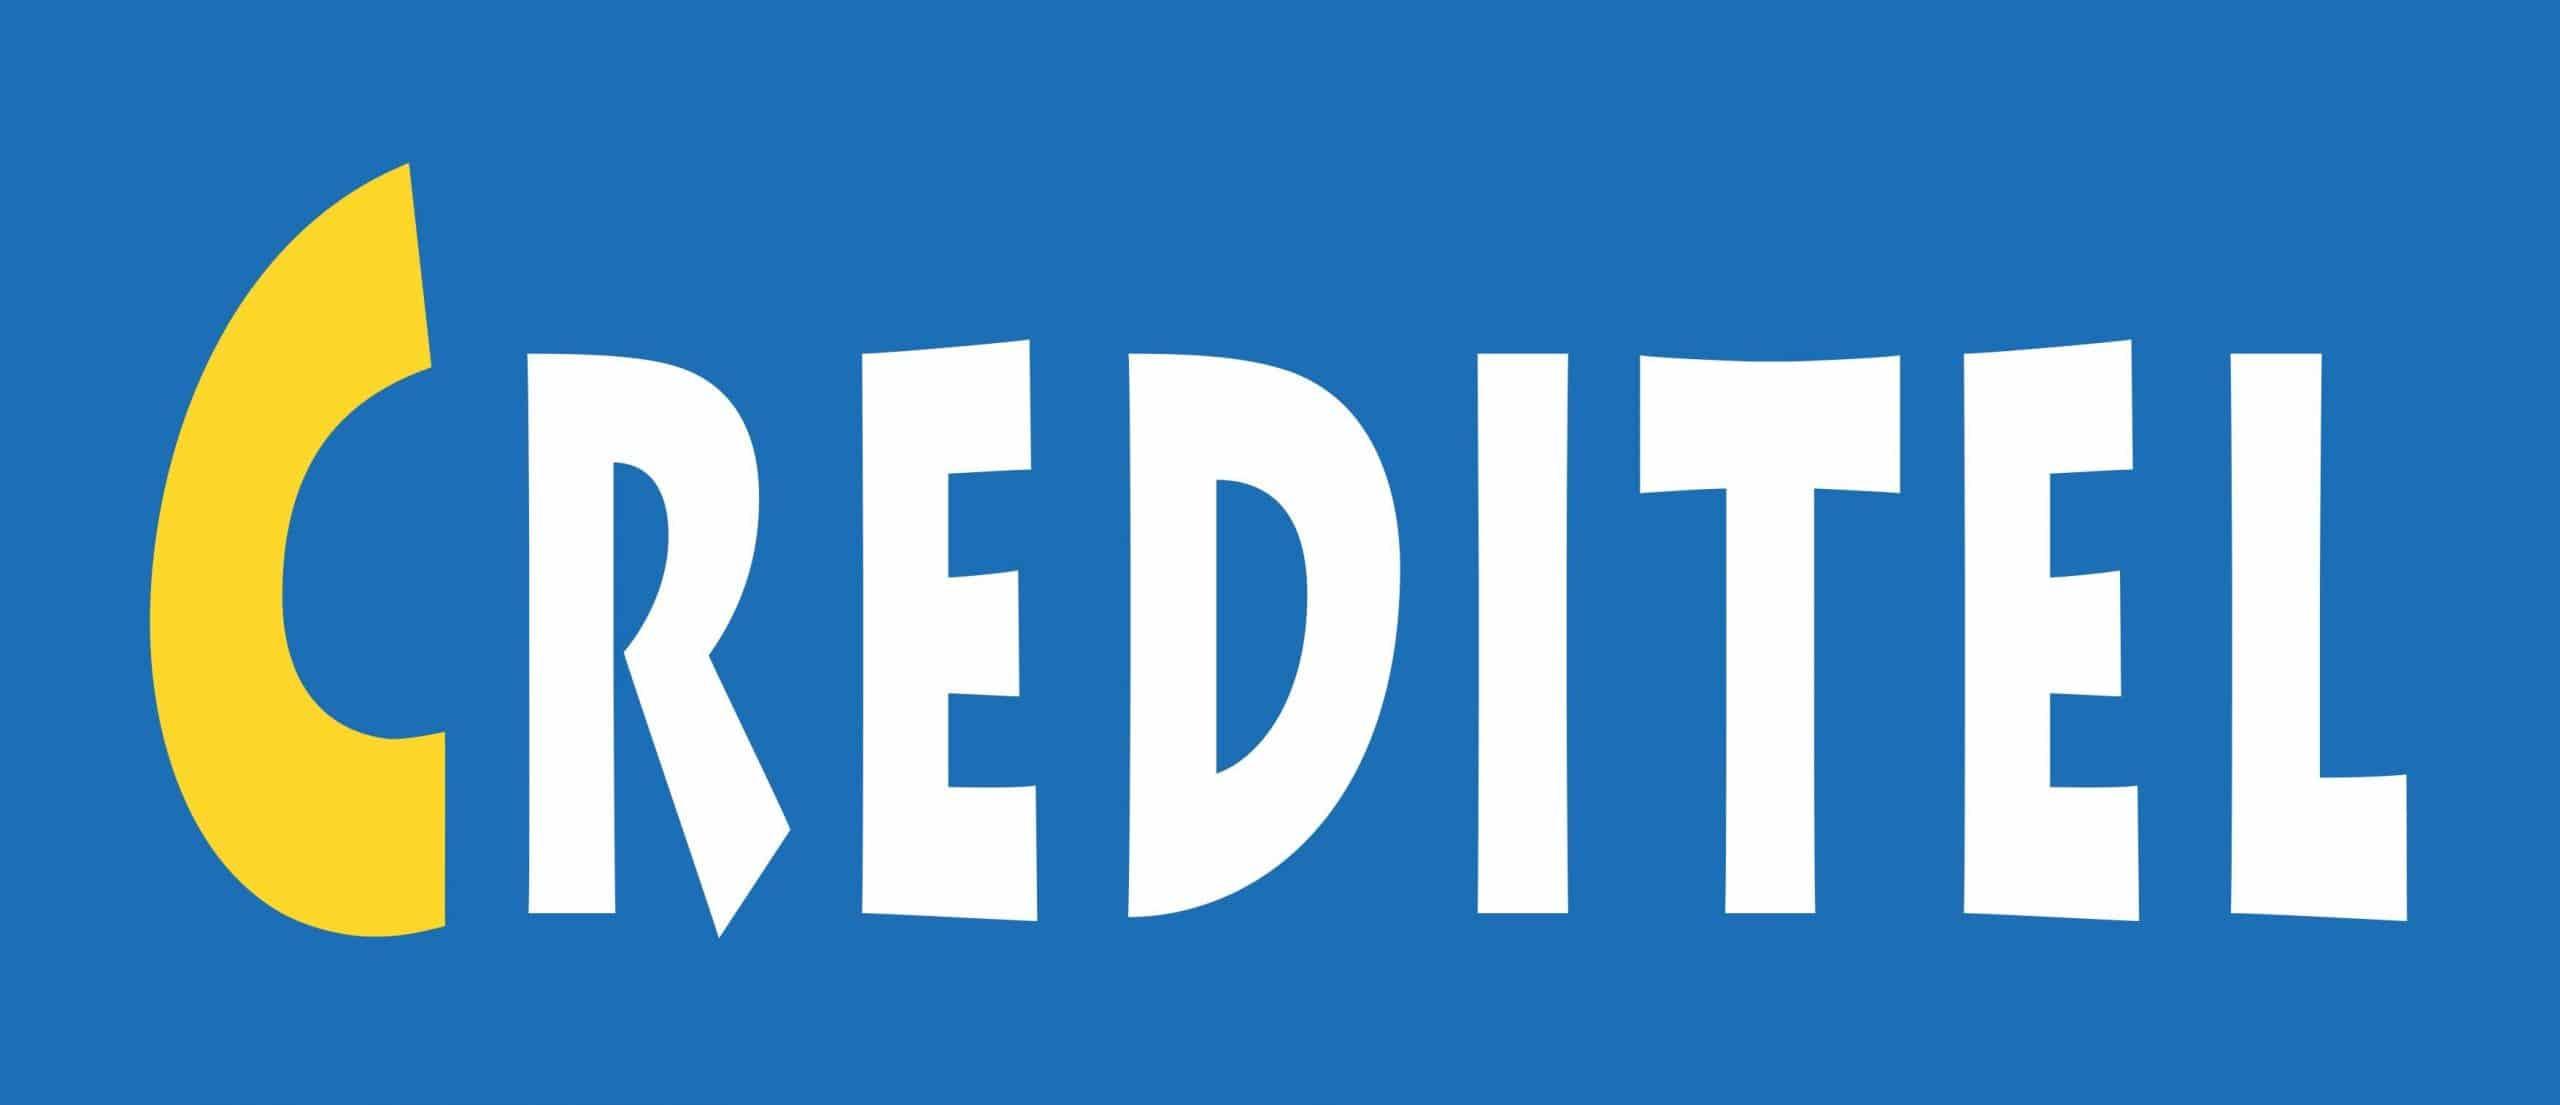 Creditel Estado de cuenta